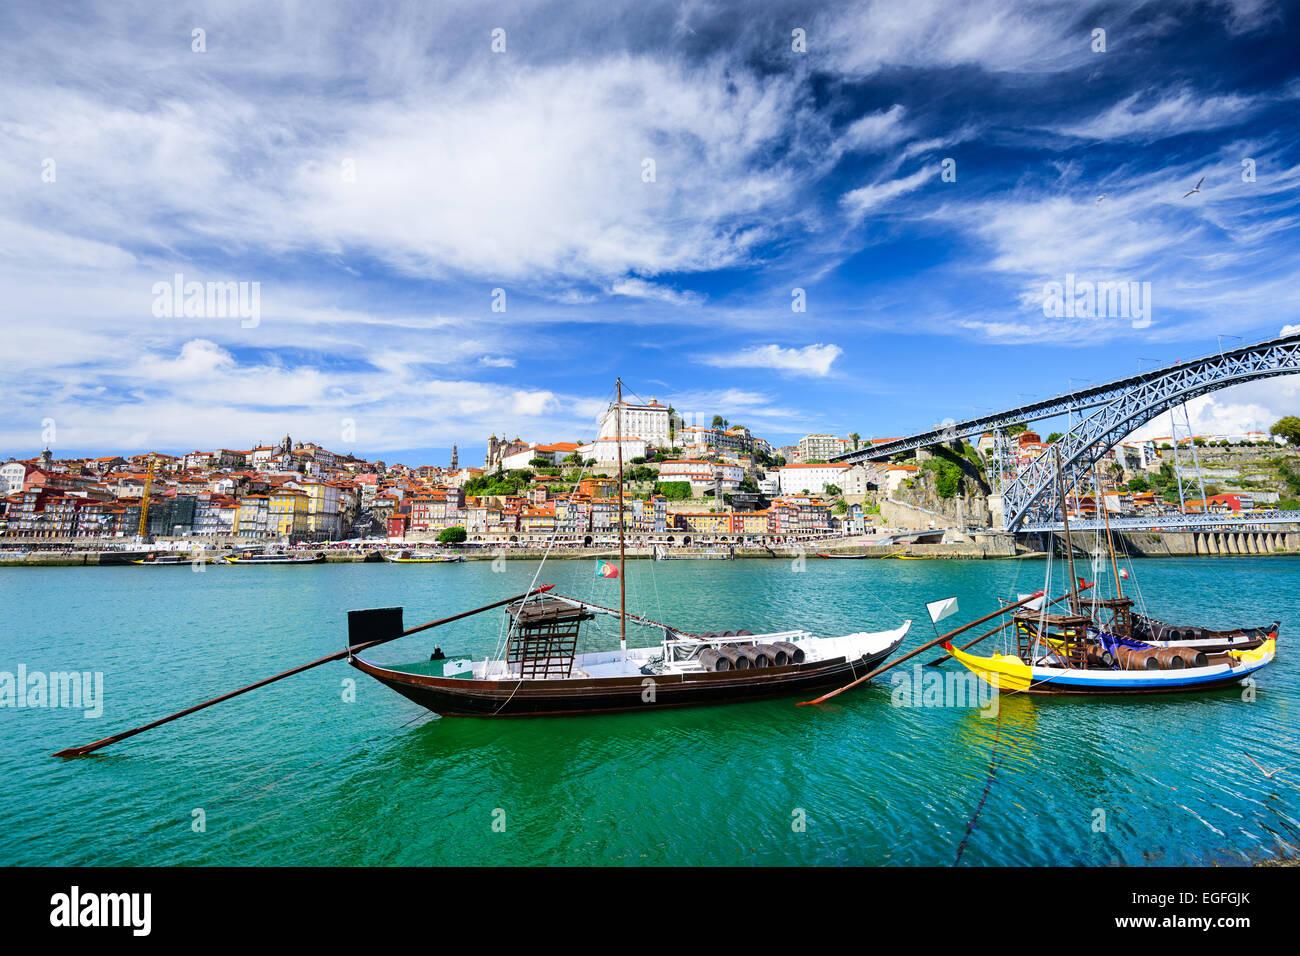 Porto, Portugal Old Town Ver en el río Duero, con barcos rabelo. Imagen De Stock